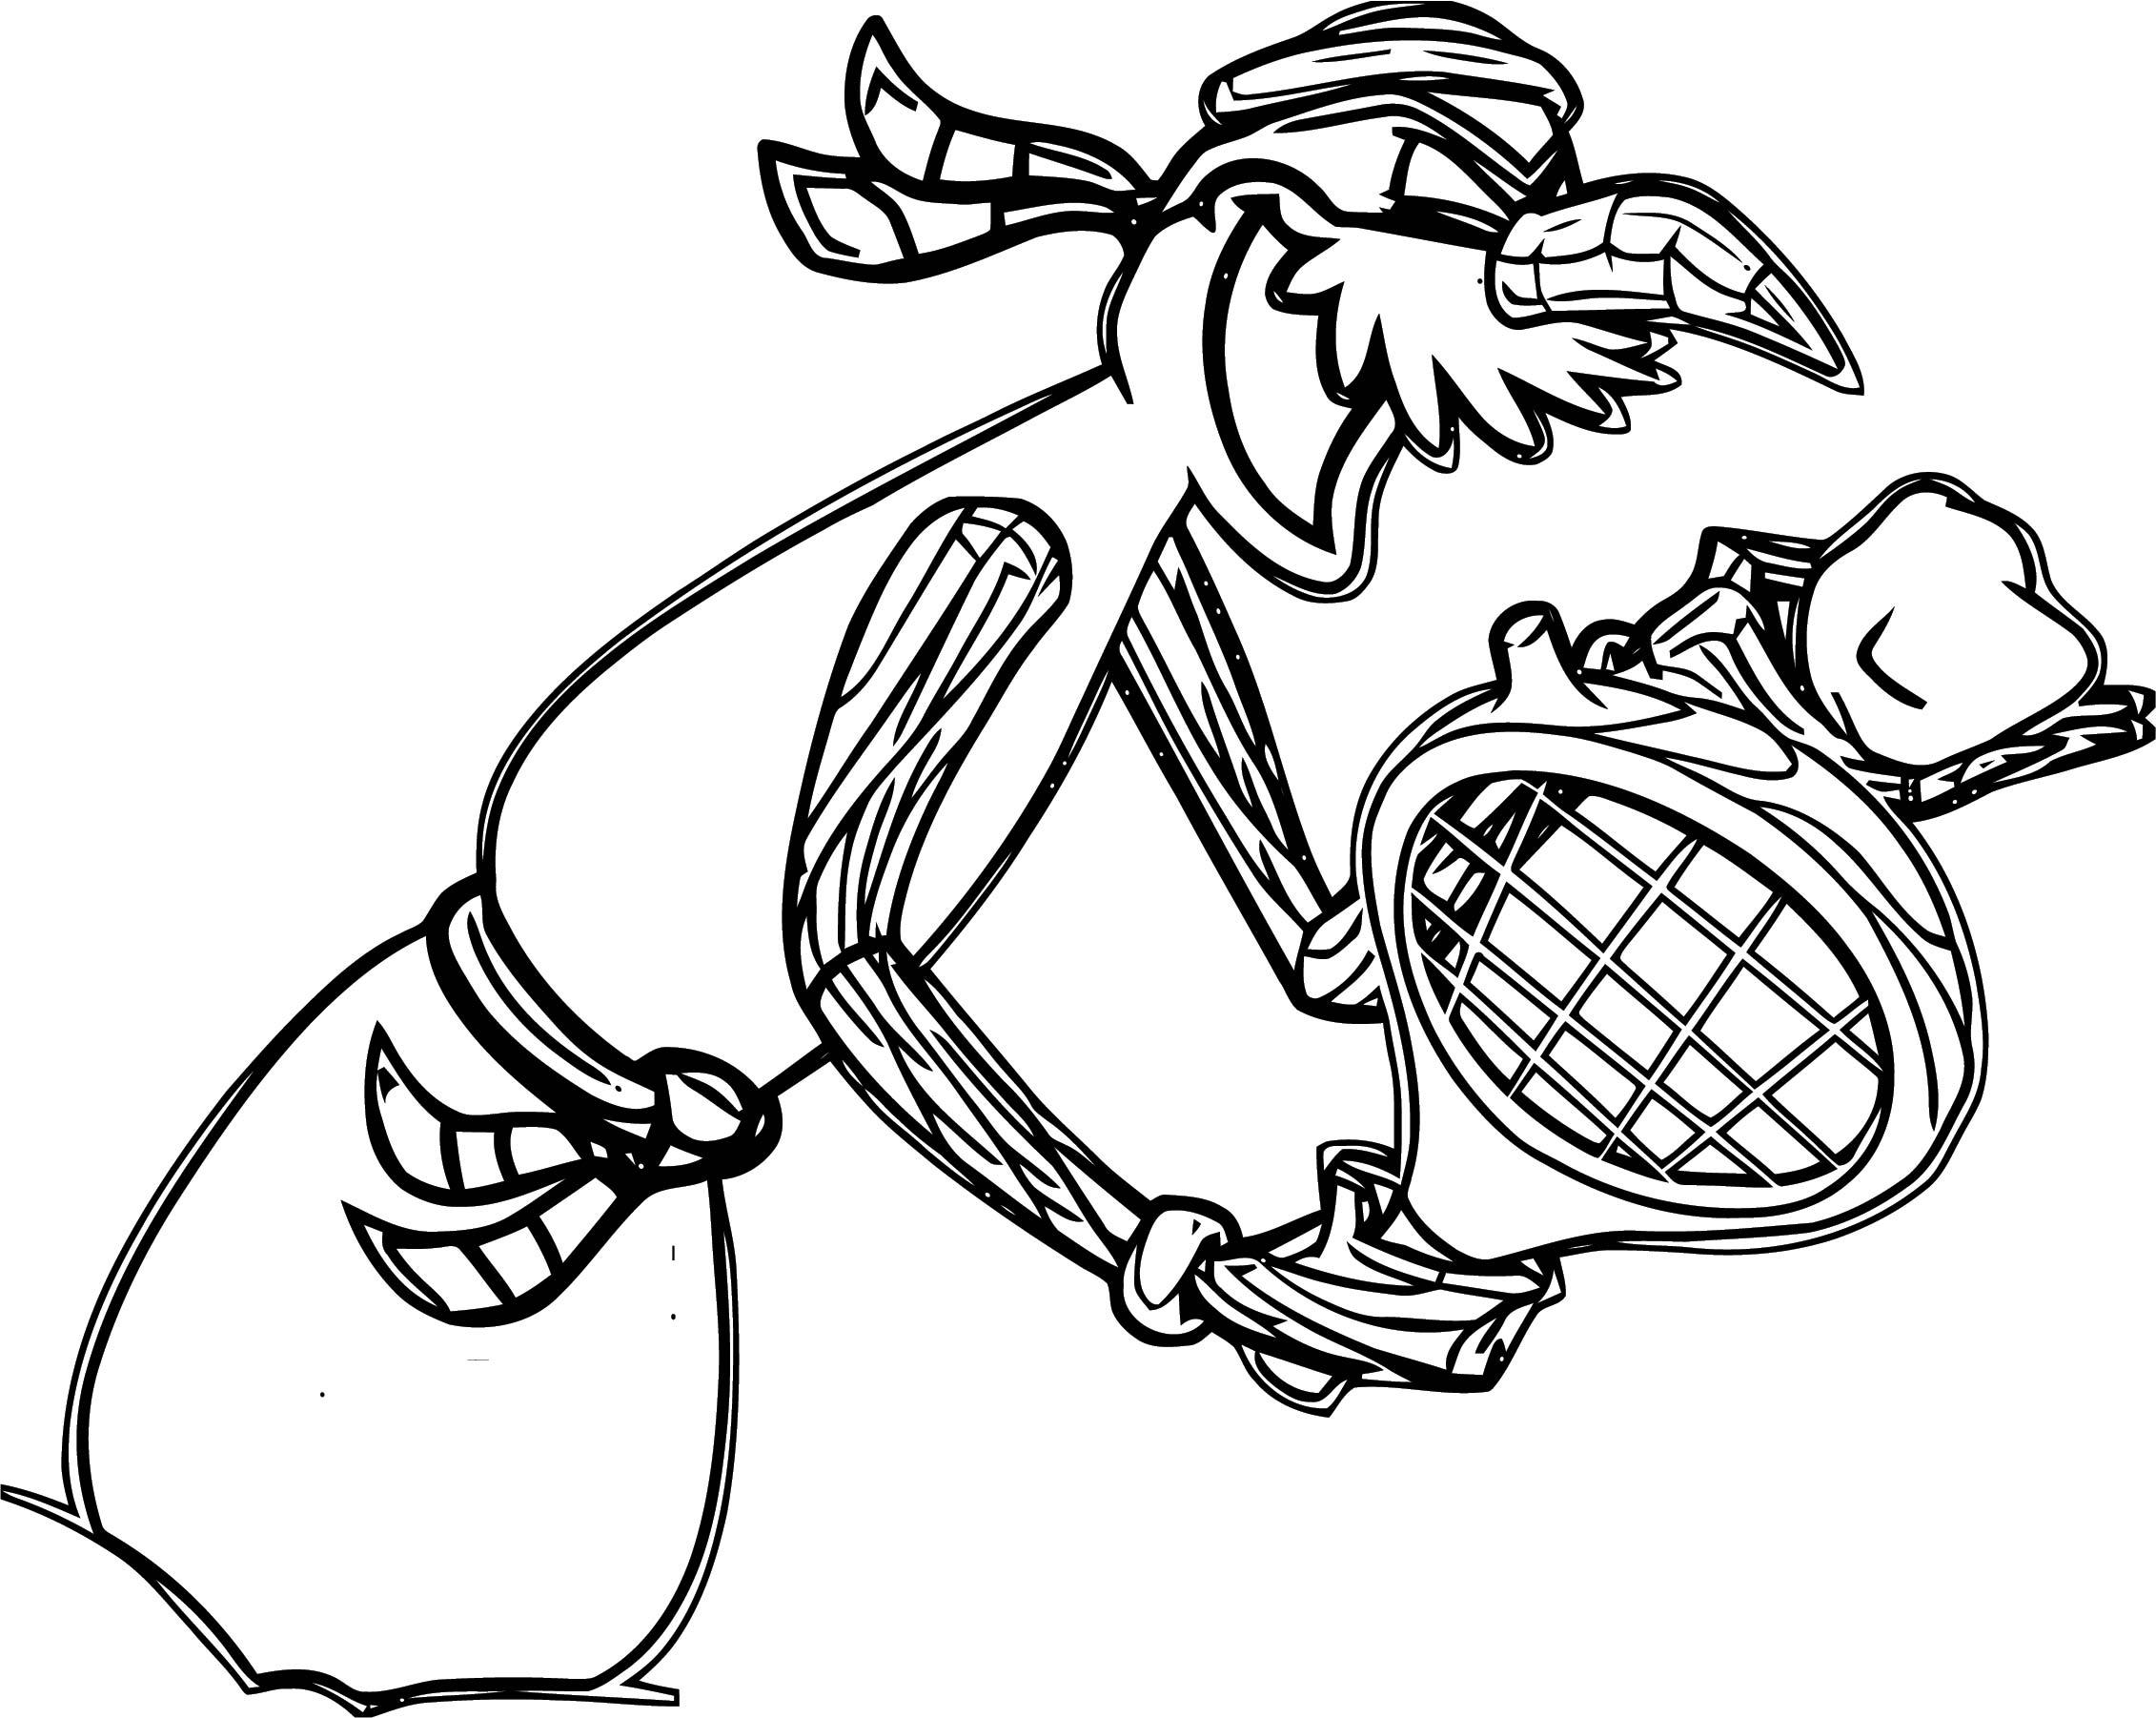 Club Penguin Villain Coloring Page